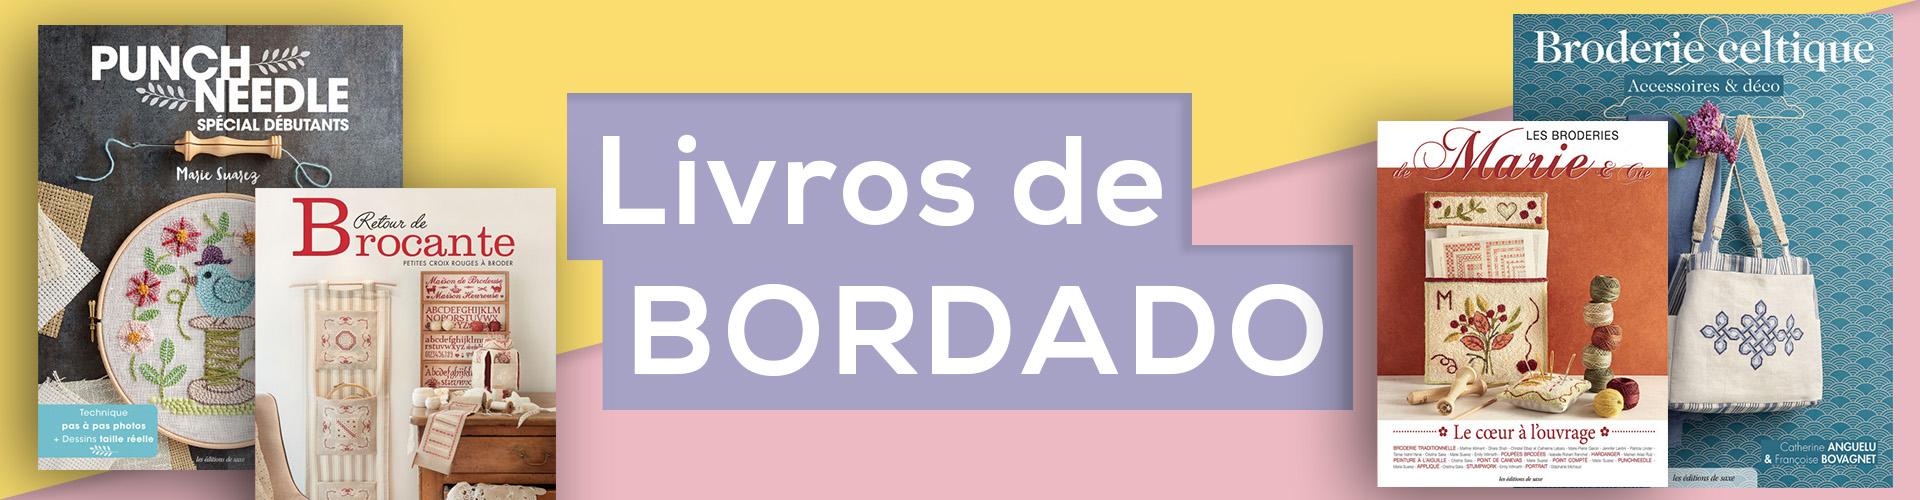 LIVROS DE BORDADO